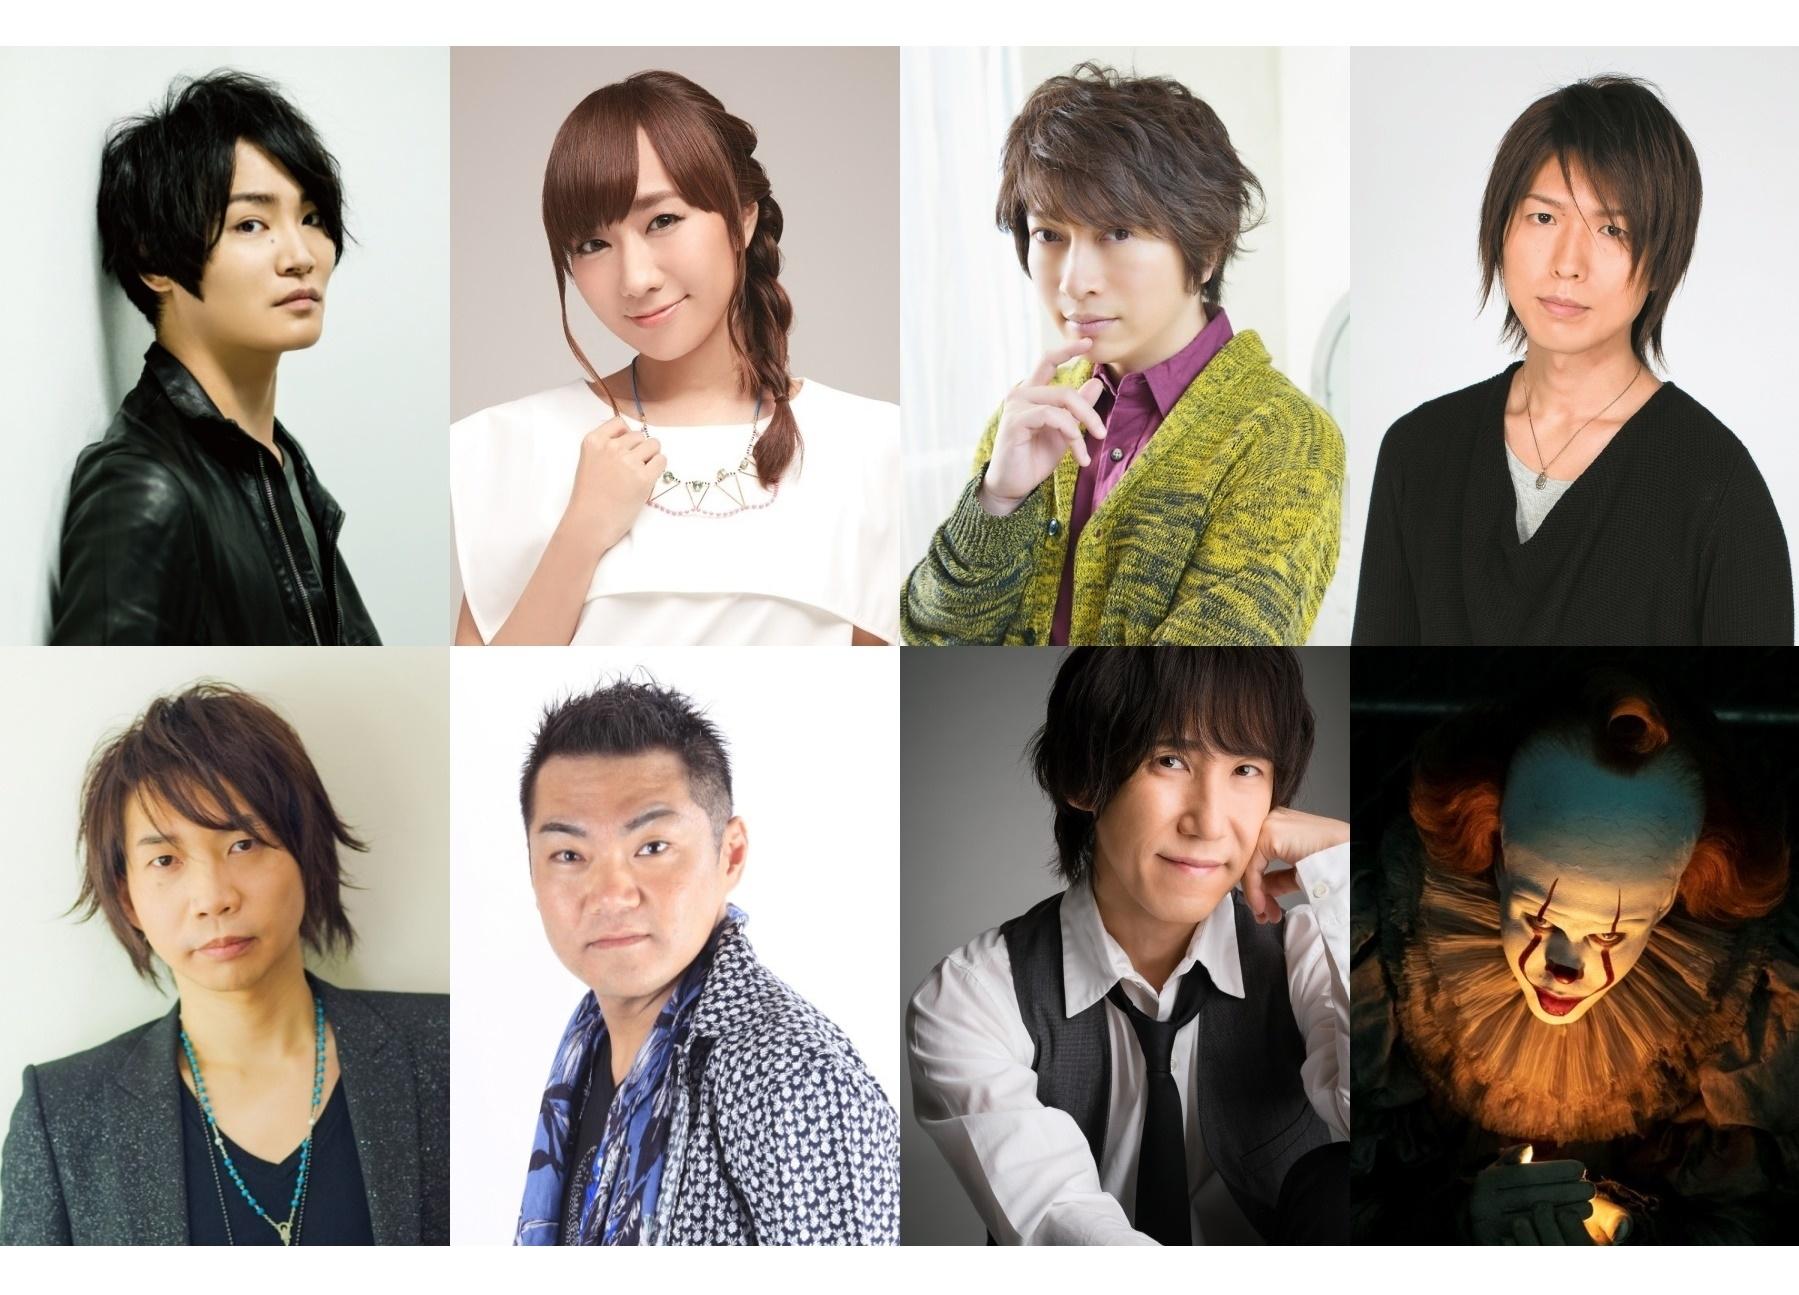 『IT/イット』完結編 豪華日本語版吹替陣が公開